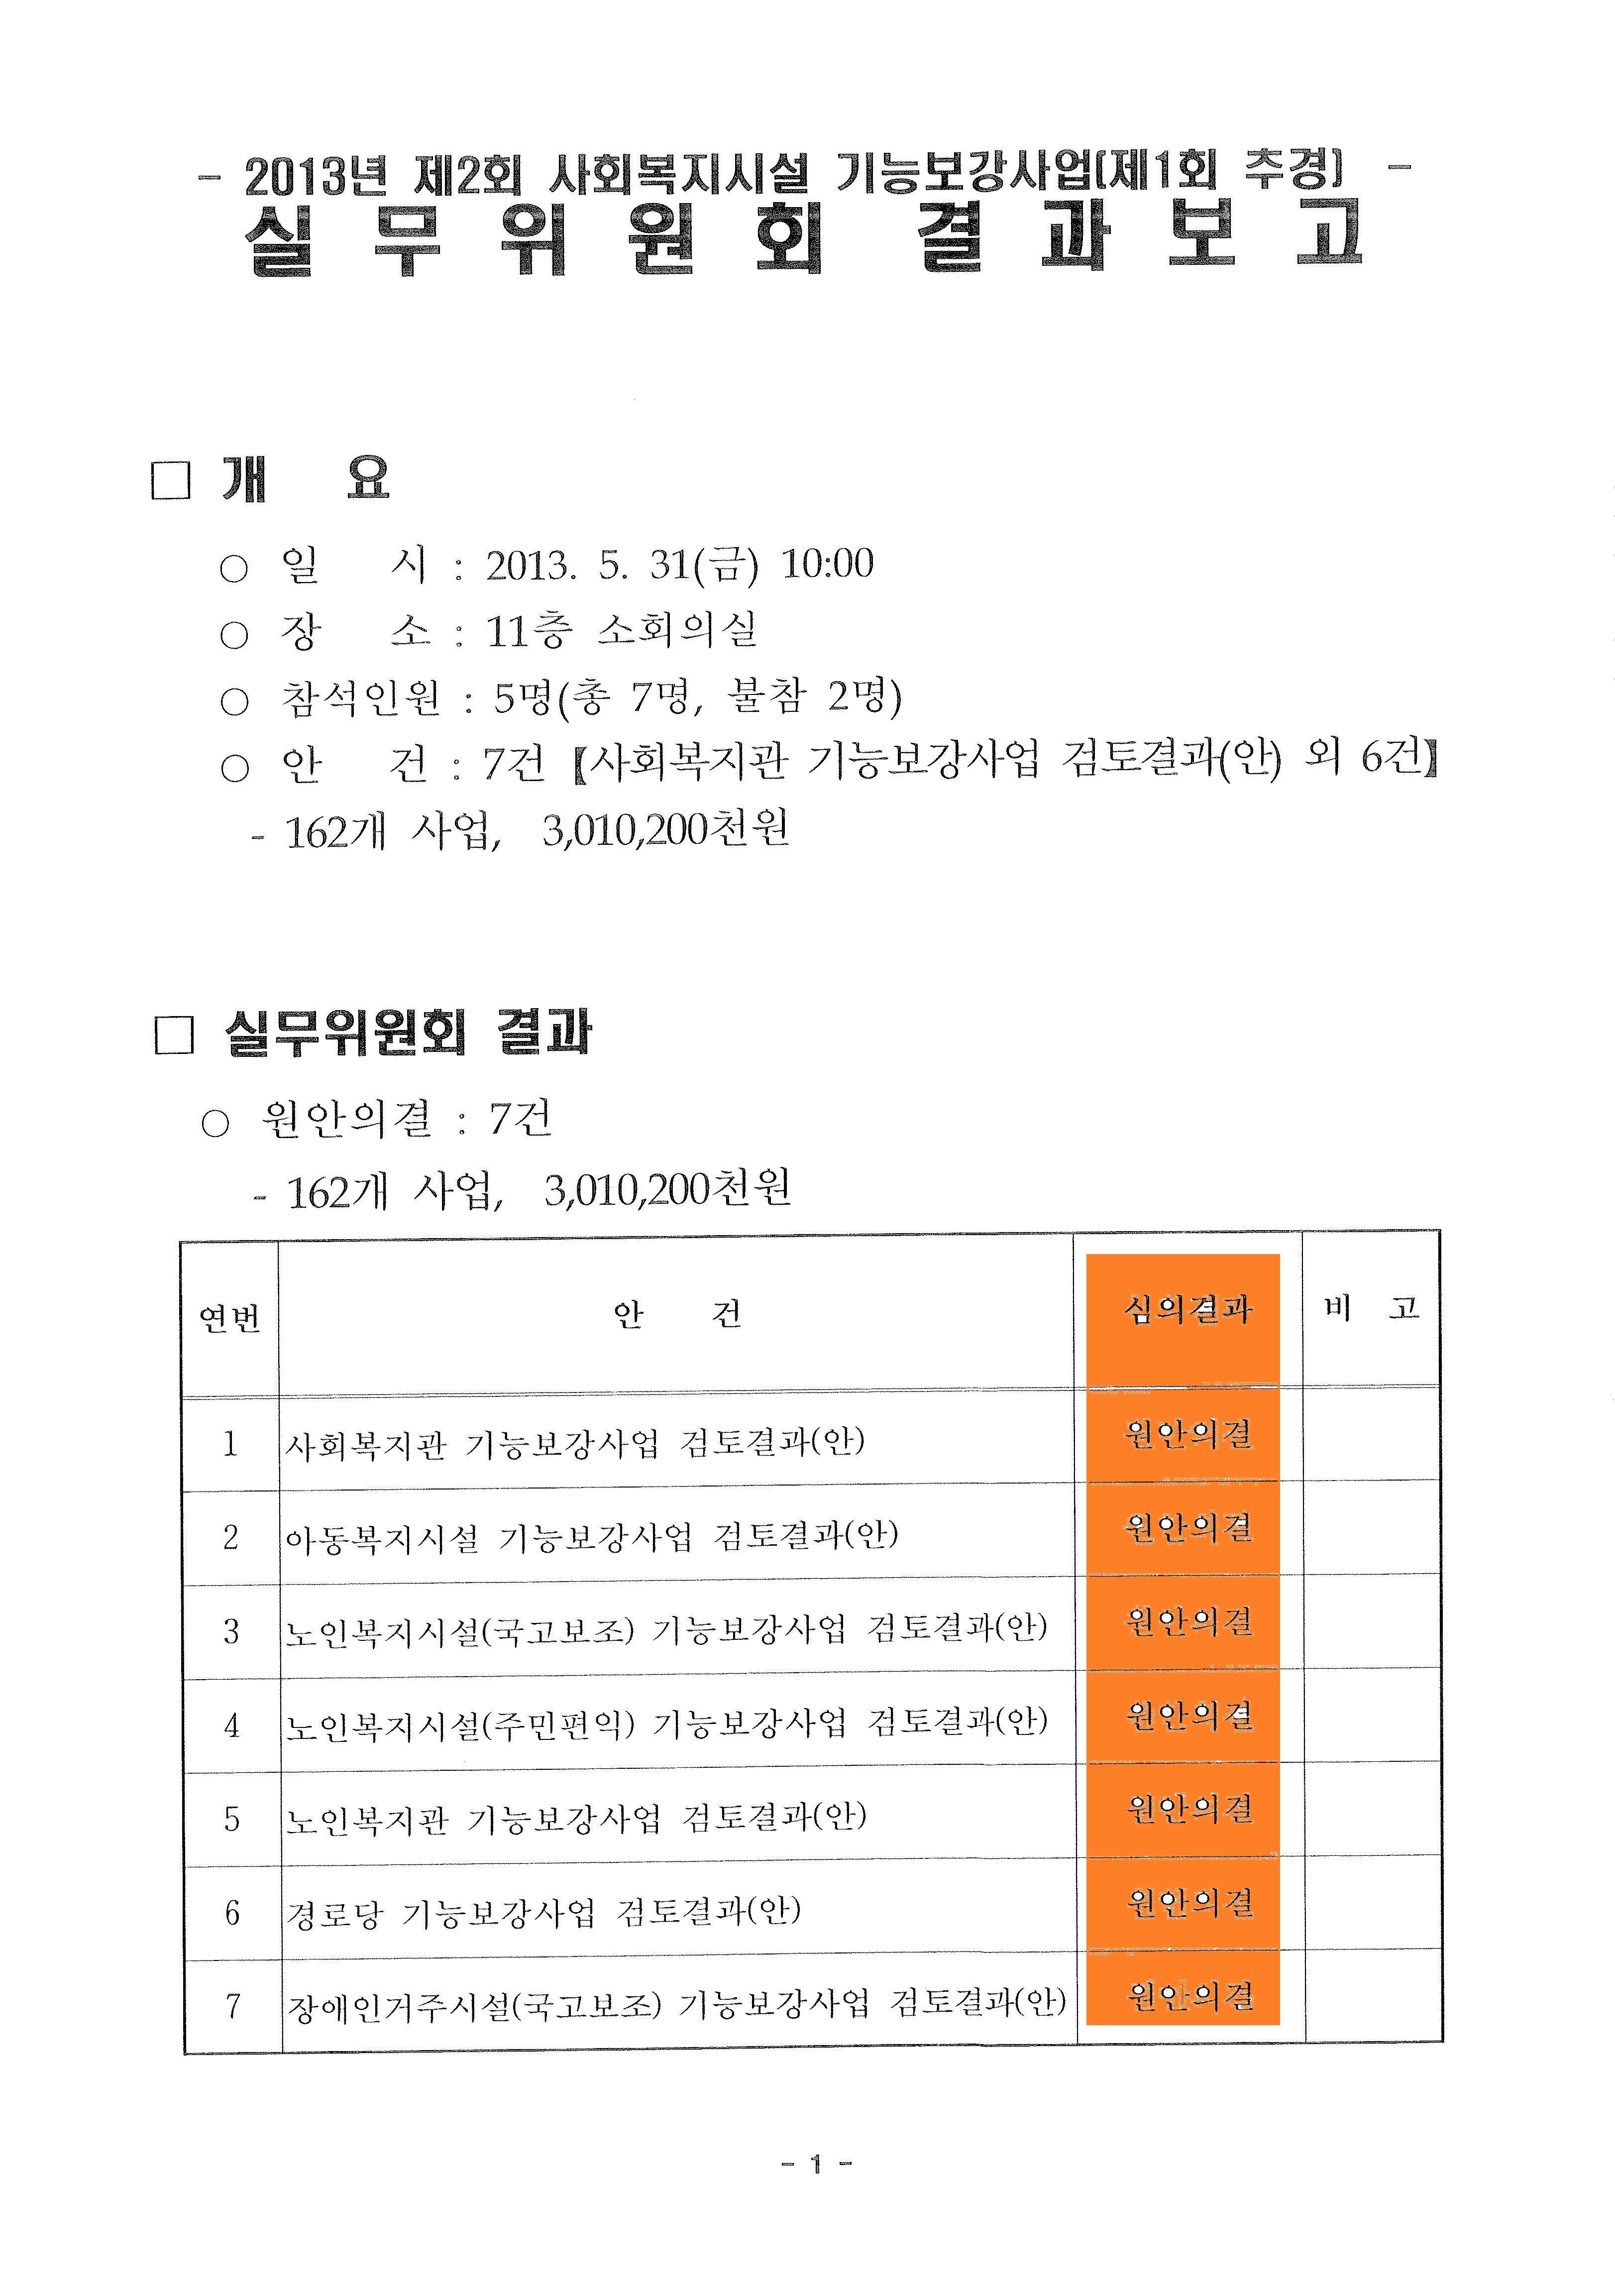 2013.5.31 전북 사회복지시설 기능보강사업 실무위 결과보고.jpg